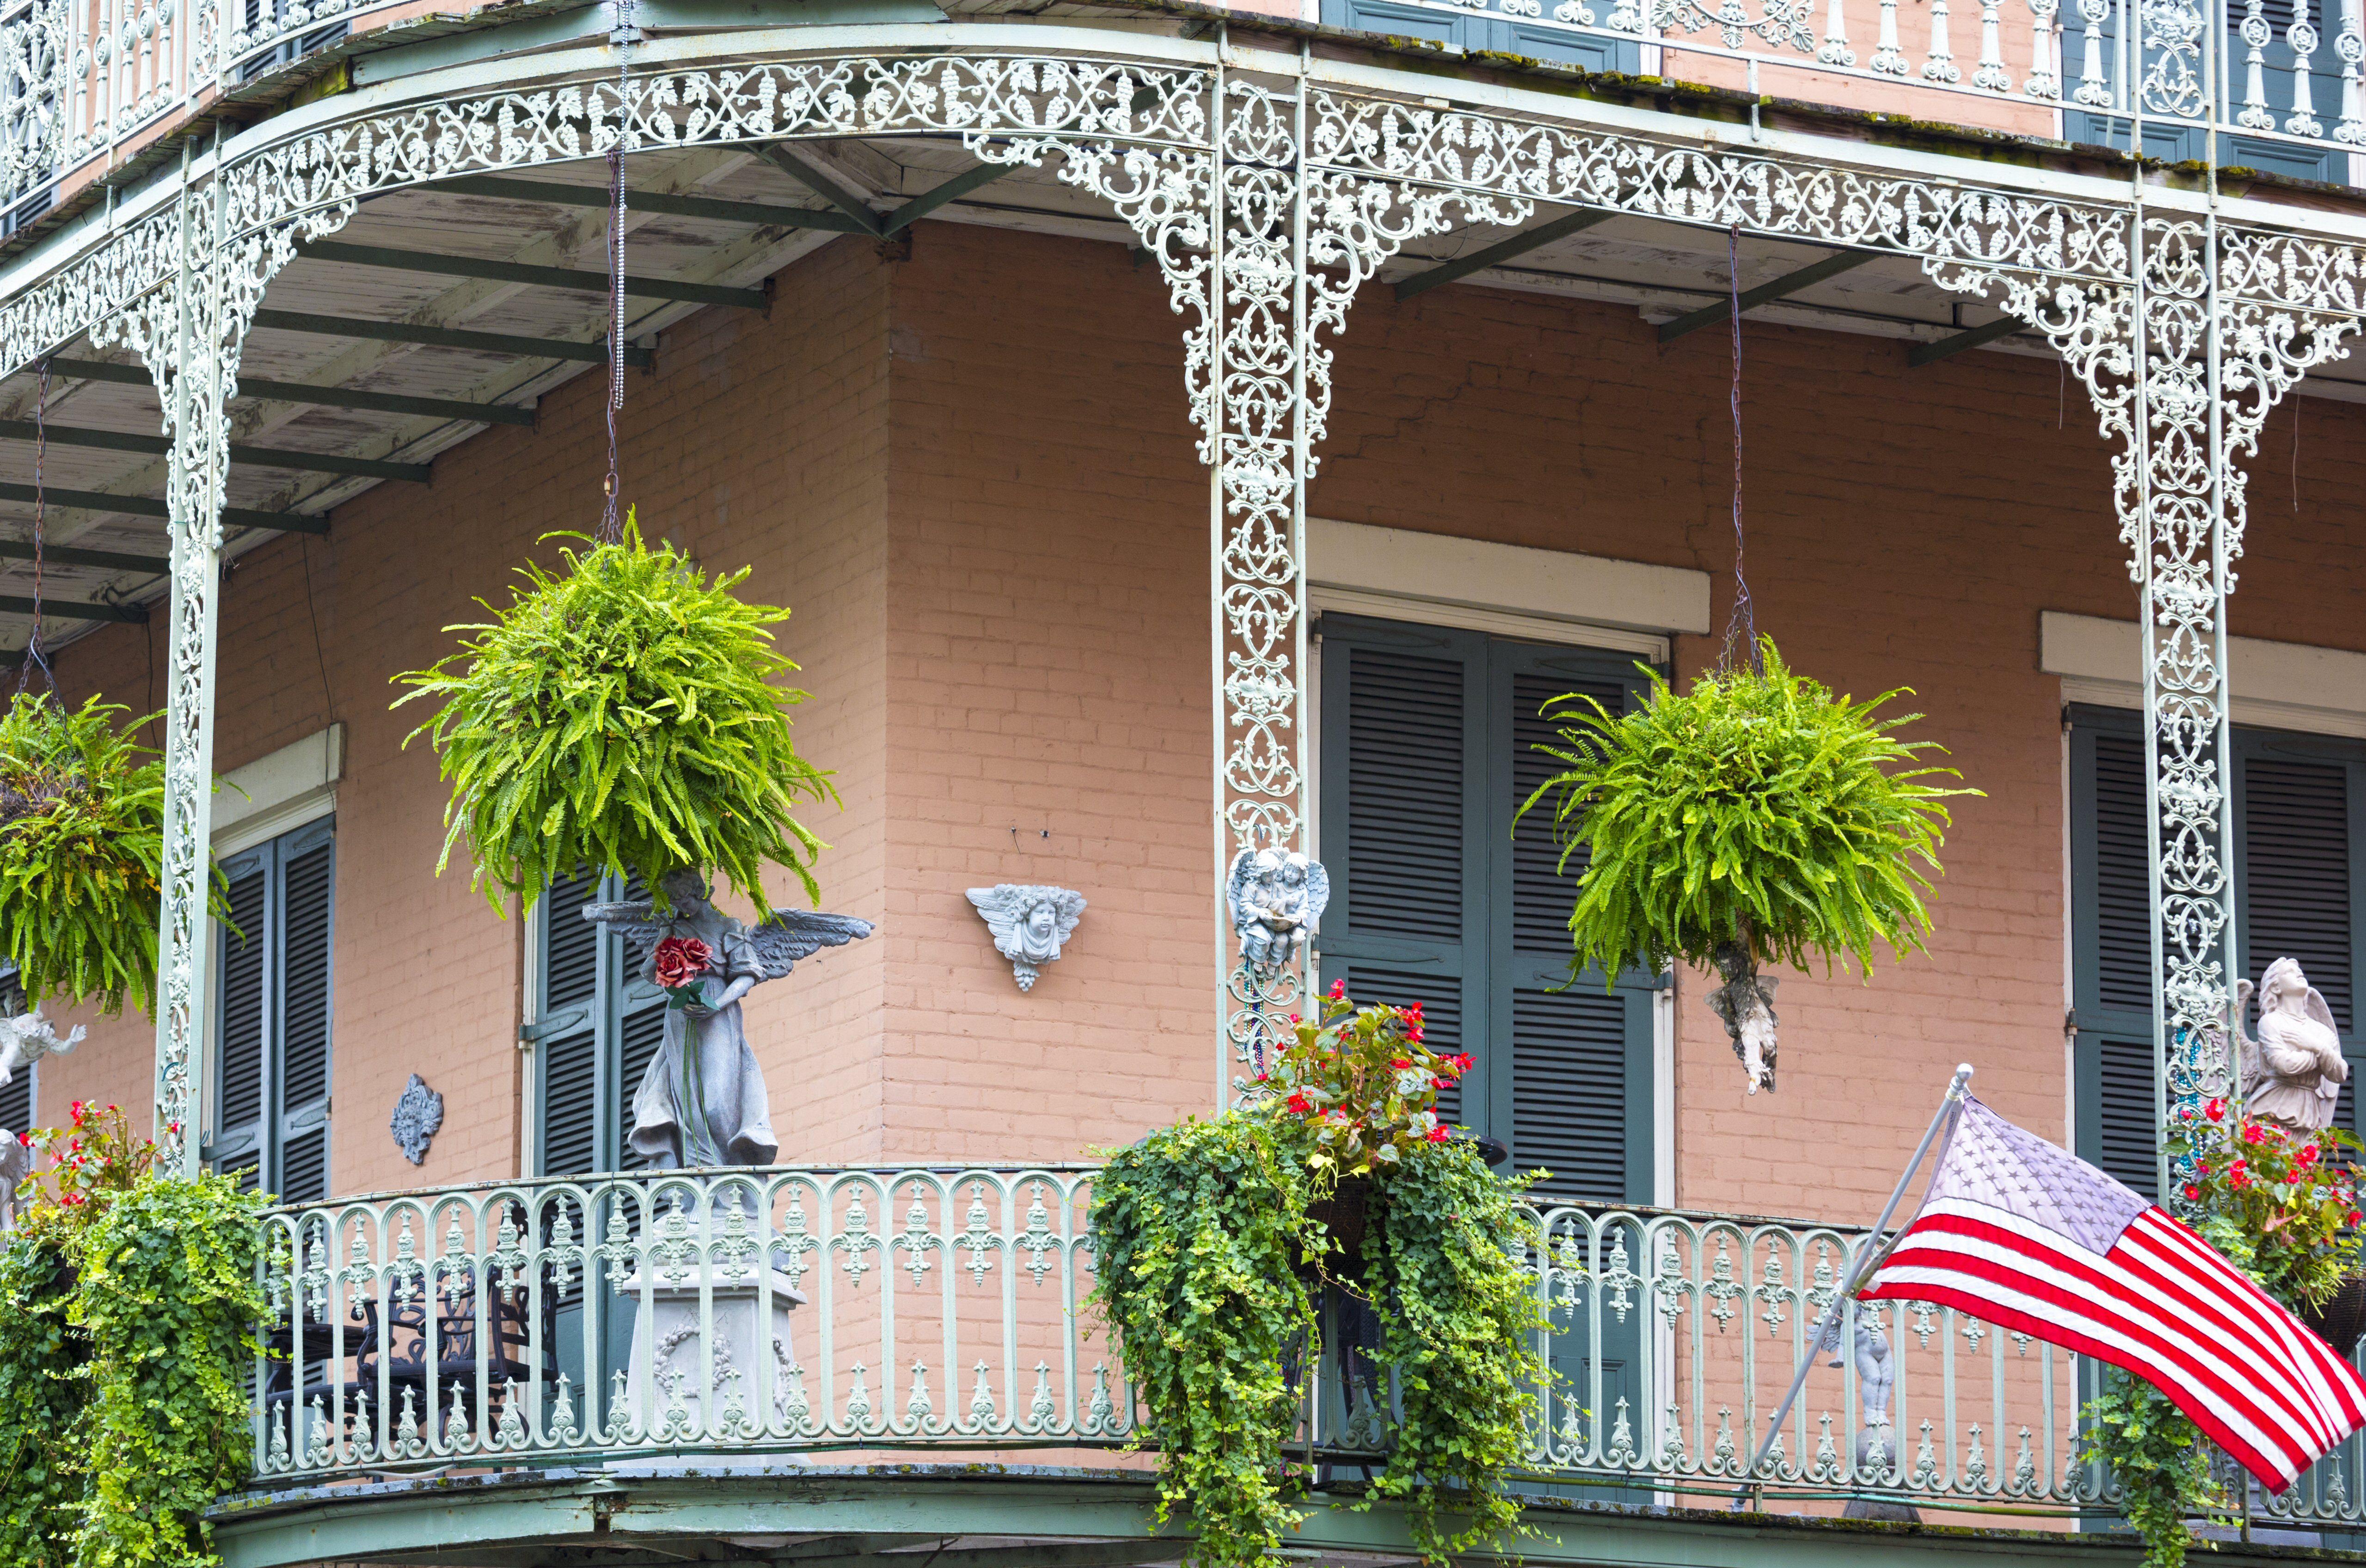 l'architecture lumineuse balcon en fer forgé et le drapeau sur le coin St Philip et Royal Street dans le quartier français, La Nouvelle-Orléans